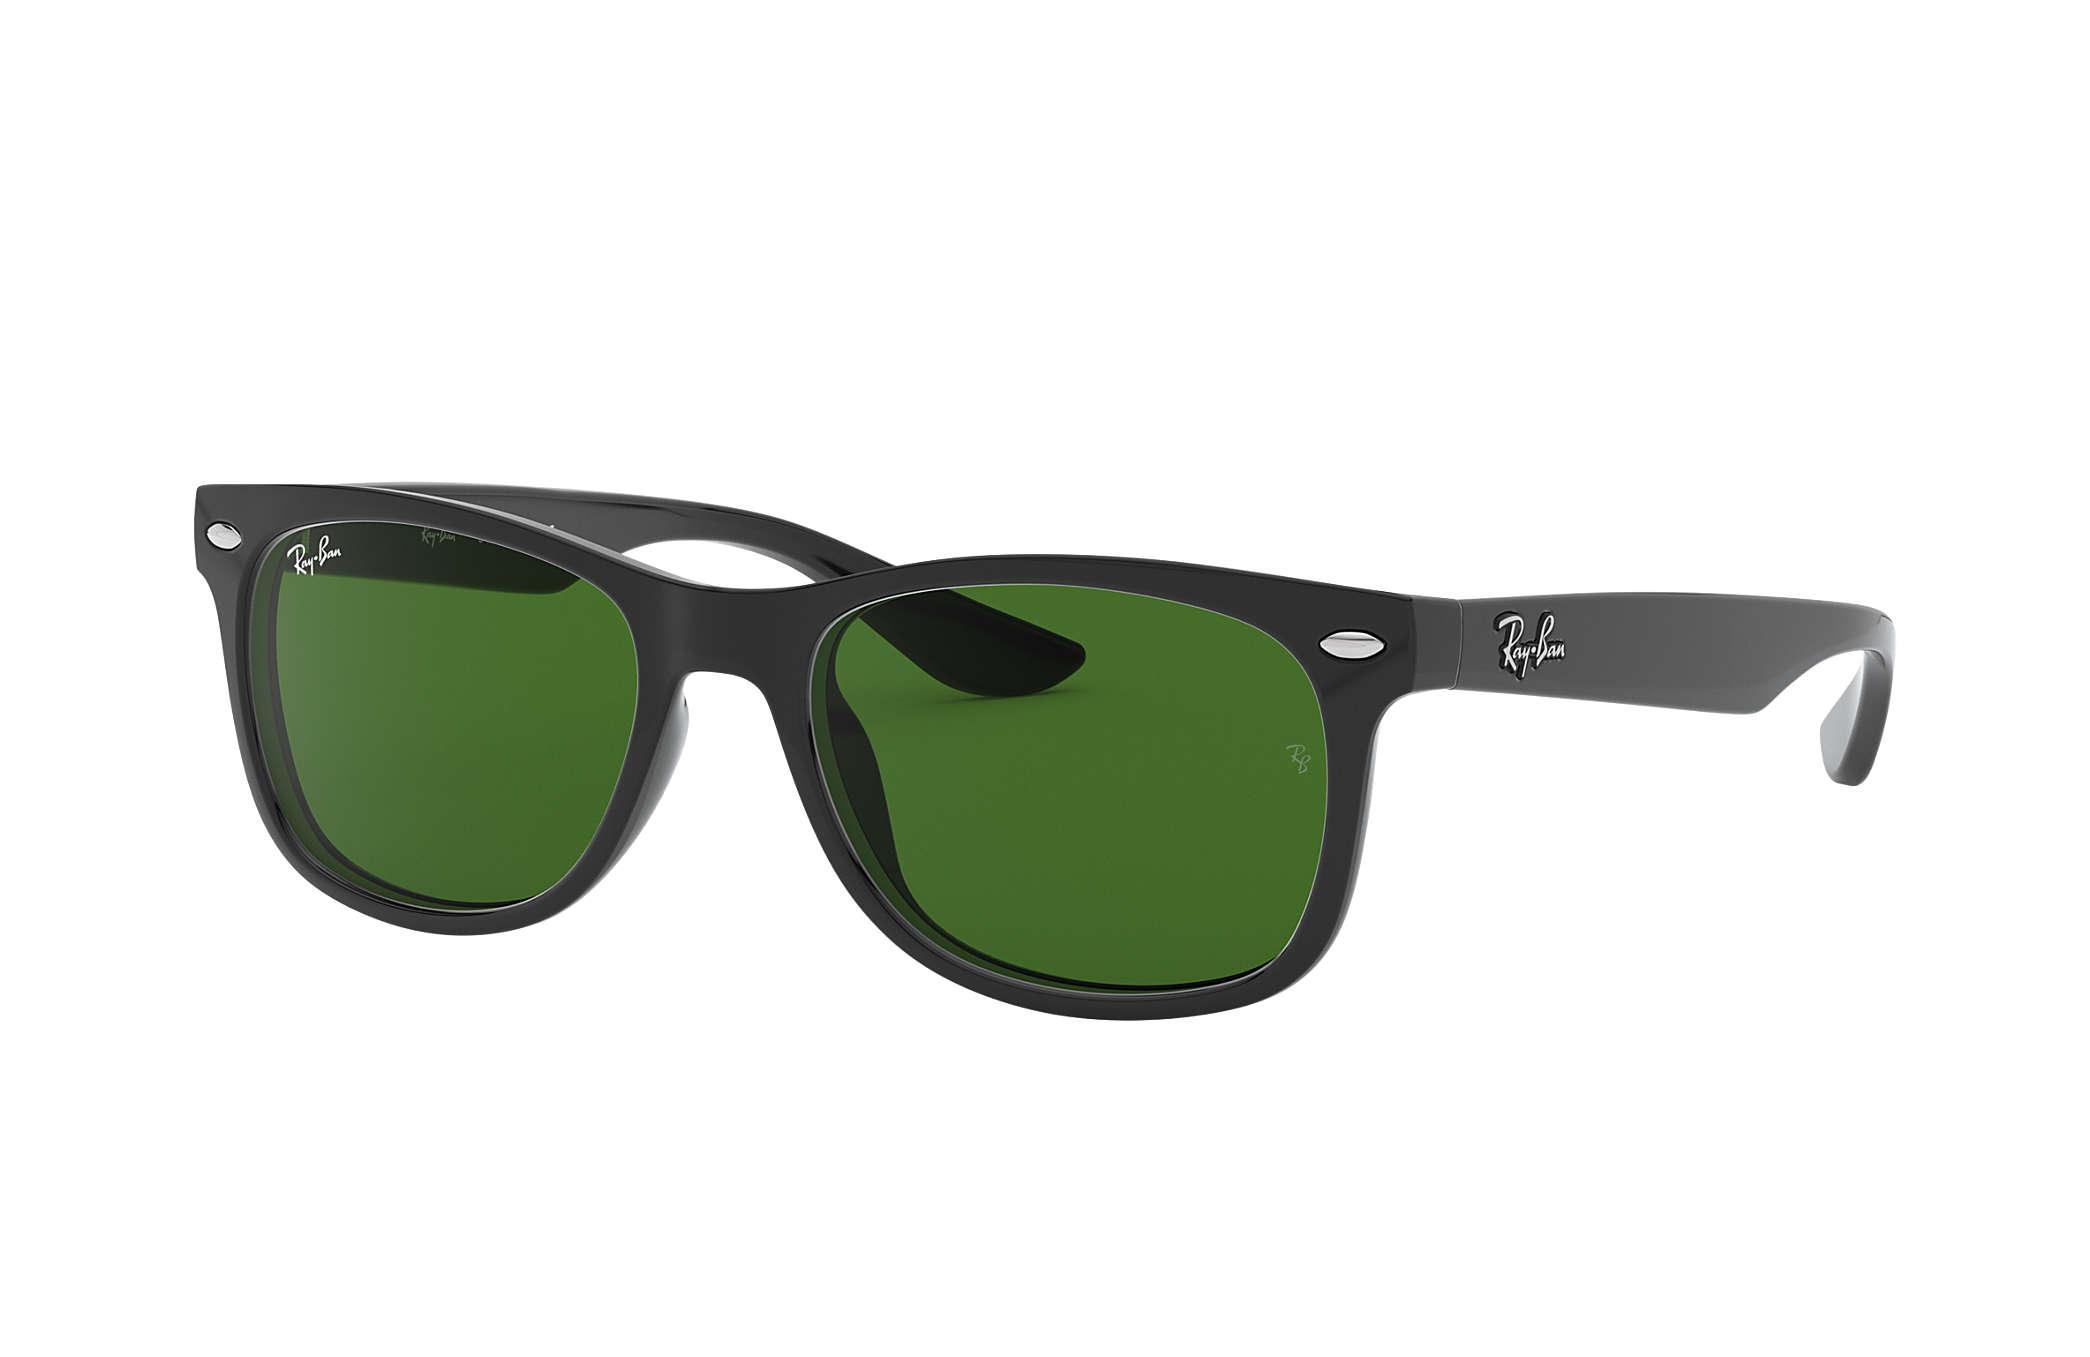 394ce48d3794 Ray-Ban New Wayfarer Junior RB9052S Black - Nylon - Green Lenses ...